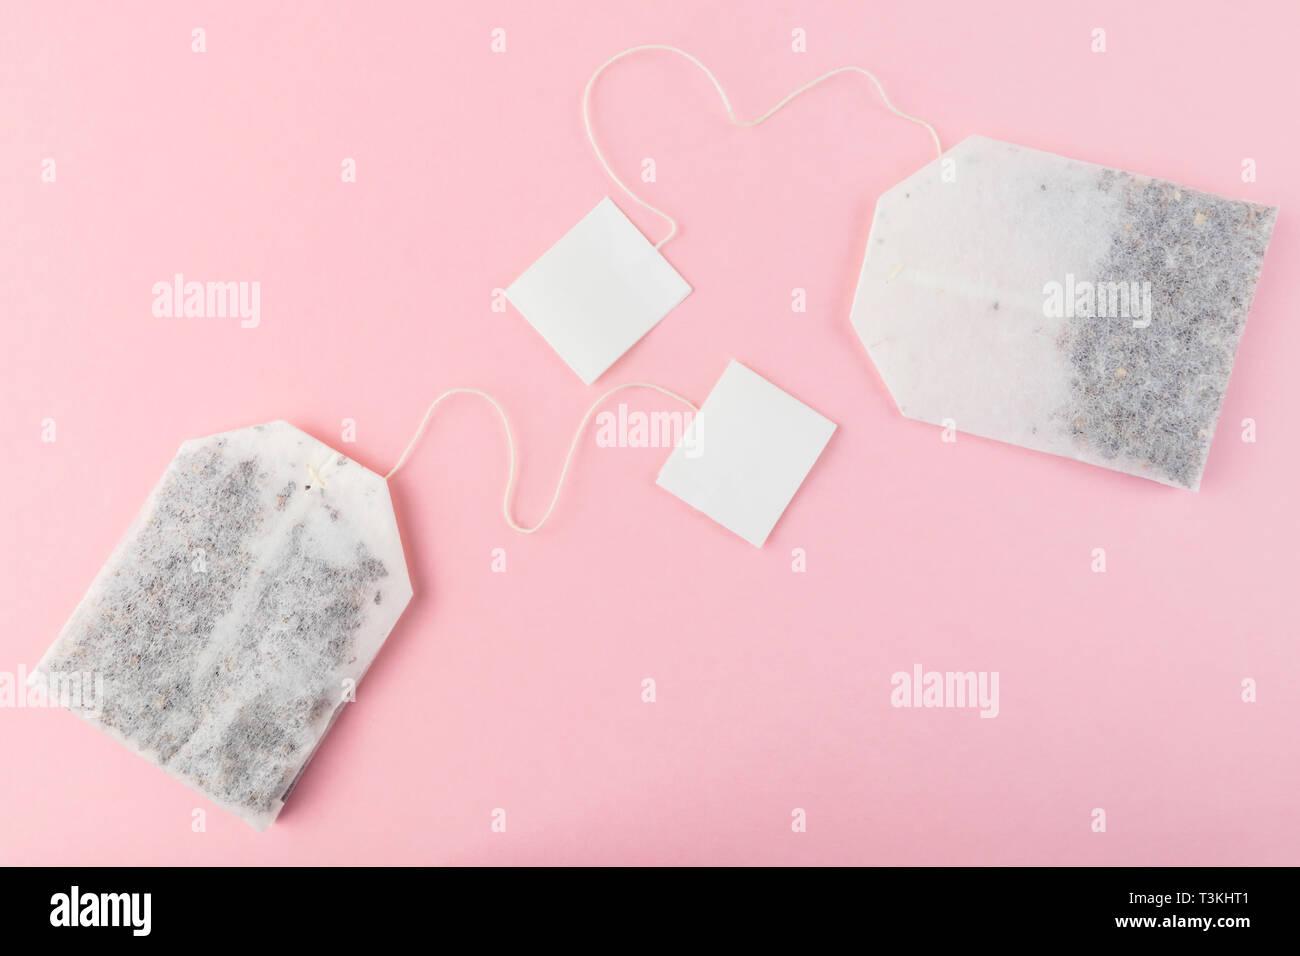 Bustine Di Tè Con Etichette Bianche Su Sfondo Di Colore Rosa